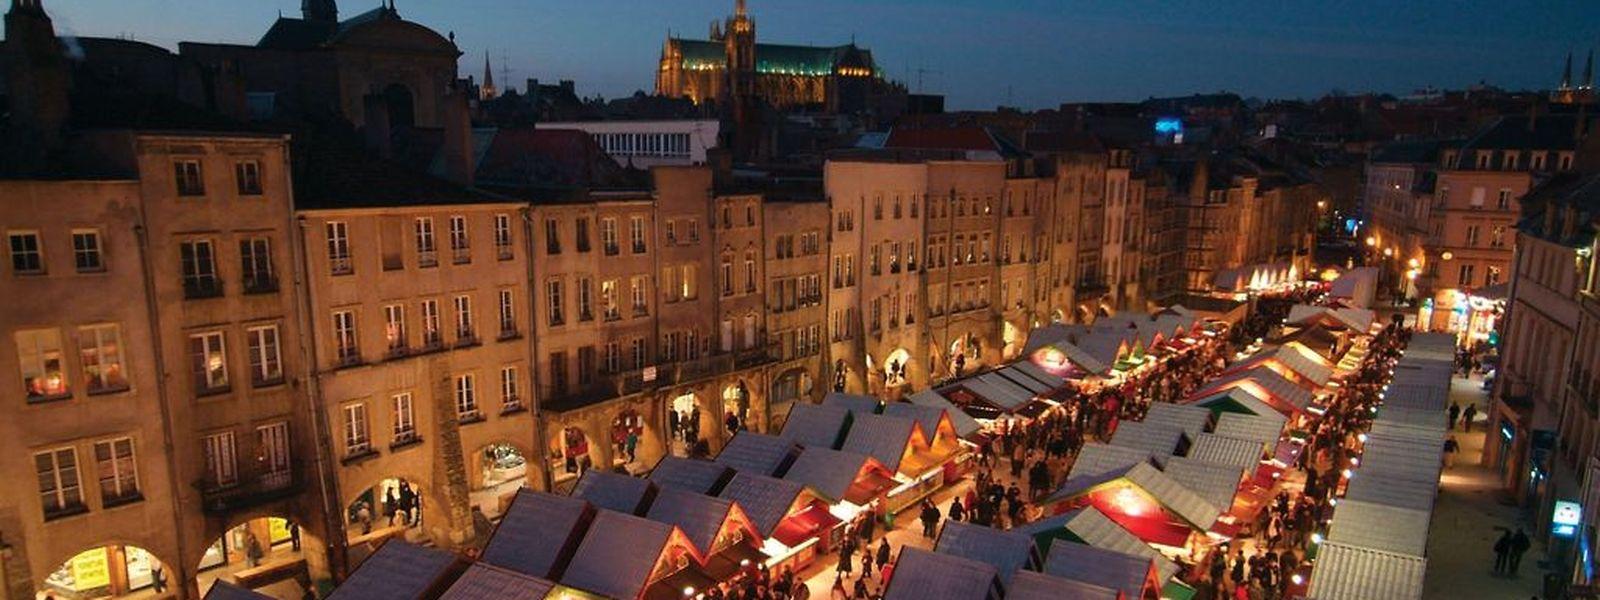 Une vue inhabituelle du Marché de Noël dans l'écrin de pierres naturelles de la Place Saint-Louis à Metz.